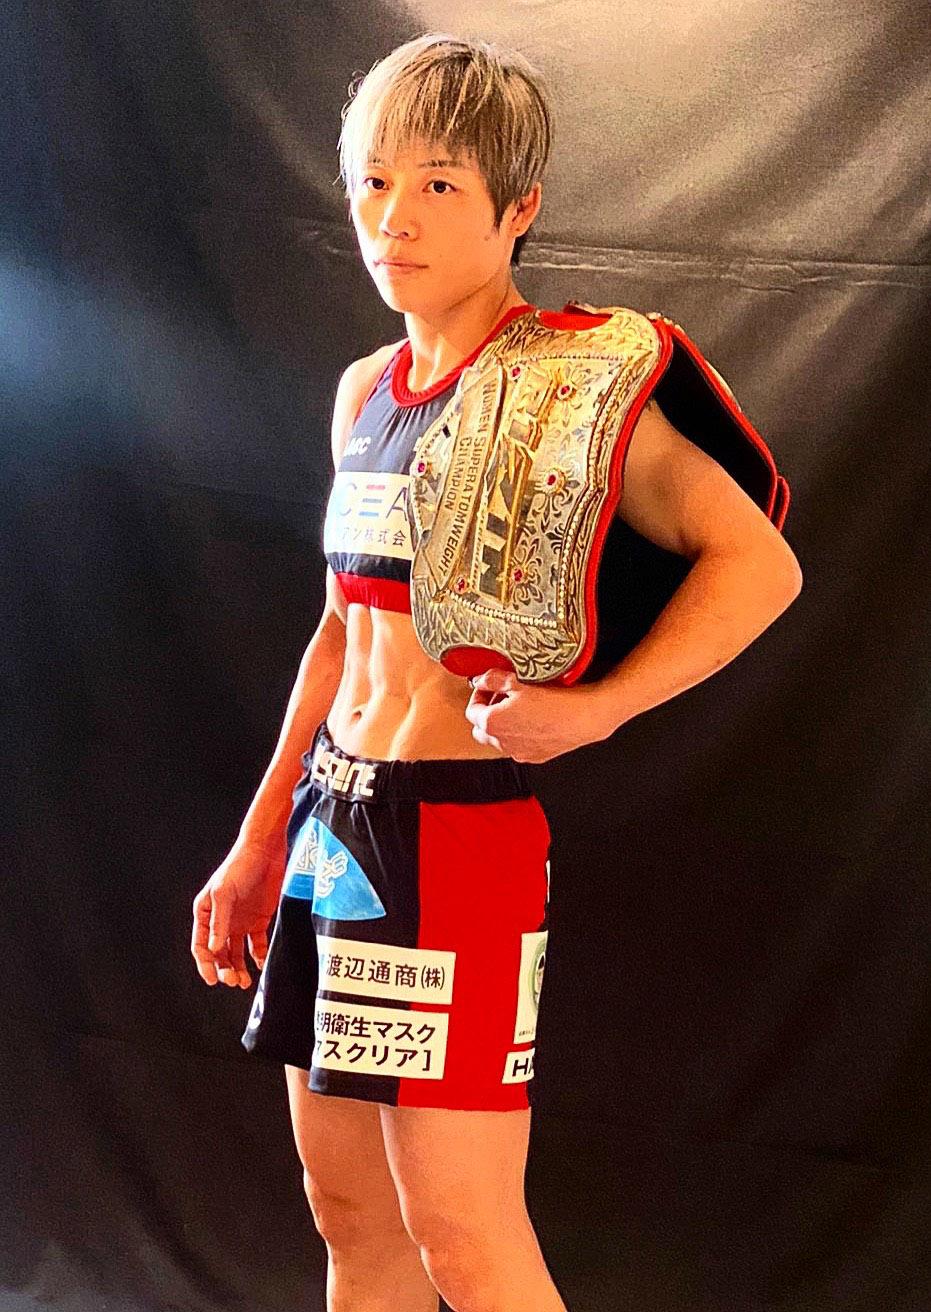 RIZIN 浜崎選手